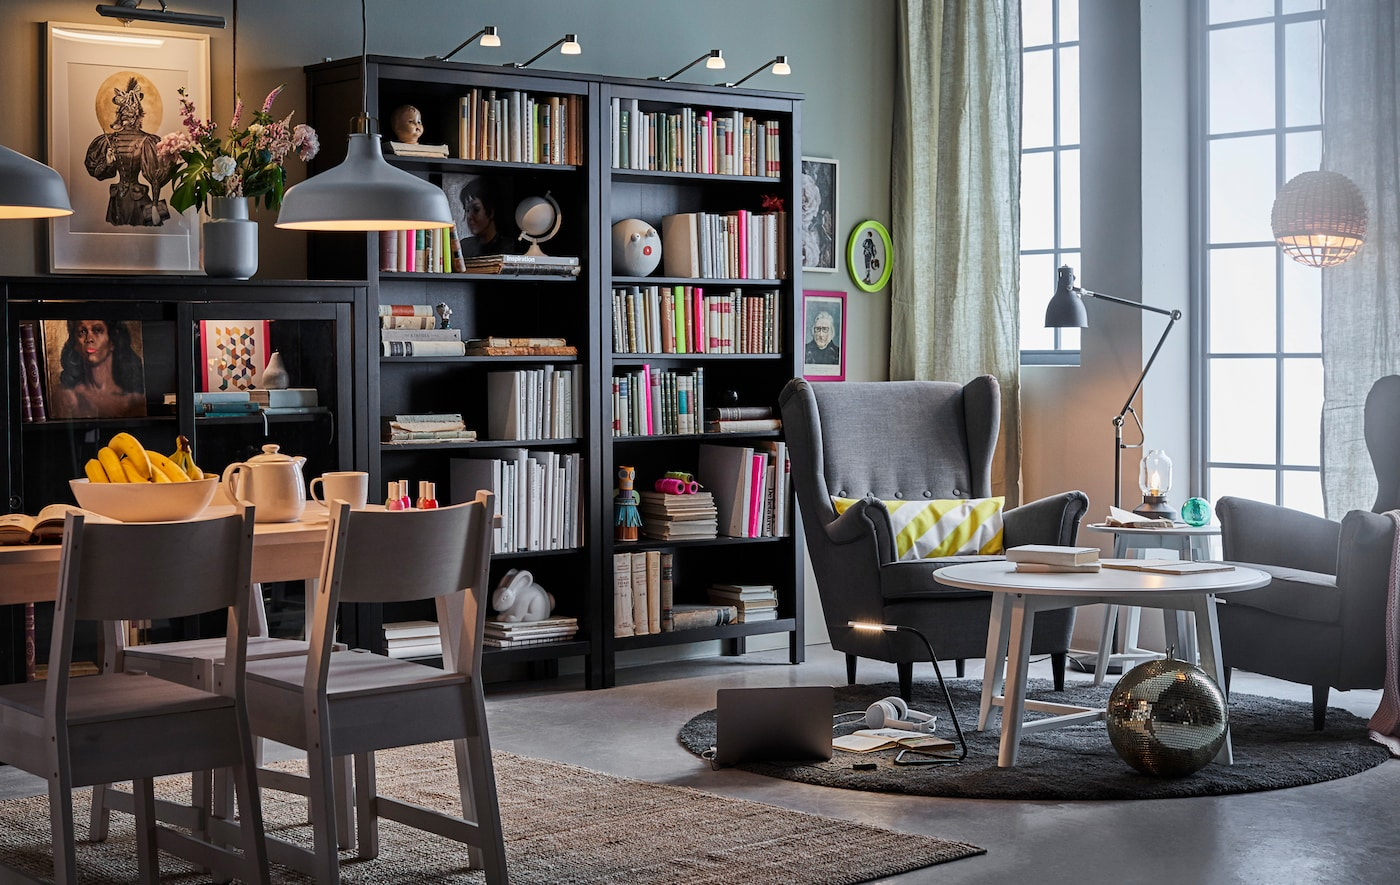 Modernes Wohnzimmer in grau, weiß & schwarz gehalten, mit schwarzen Wandregalen & grauen Sesseln